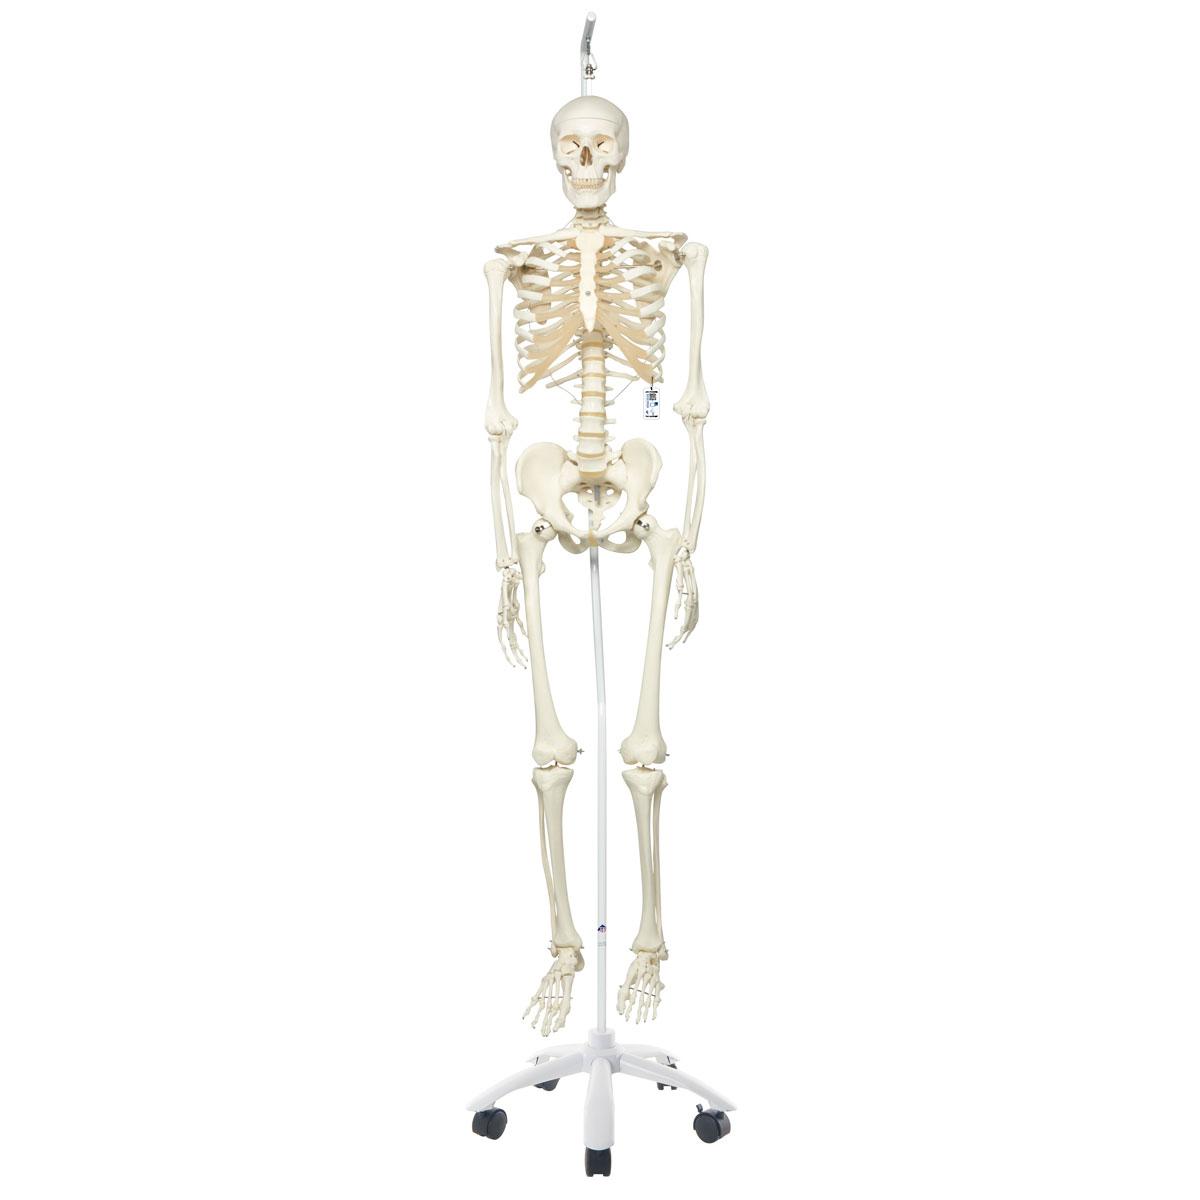 Skelett Stan A10/1 an Metallhängestativ mit 5 Rollen - 1020172 - 3B ...